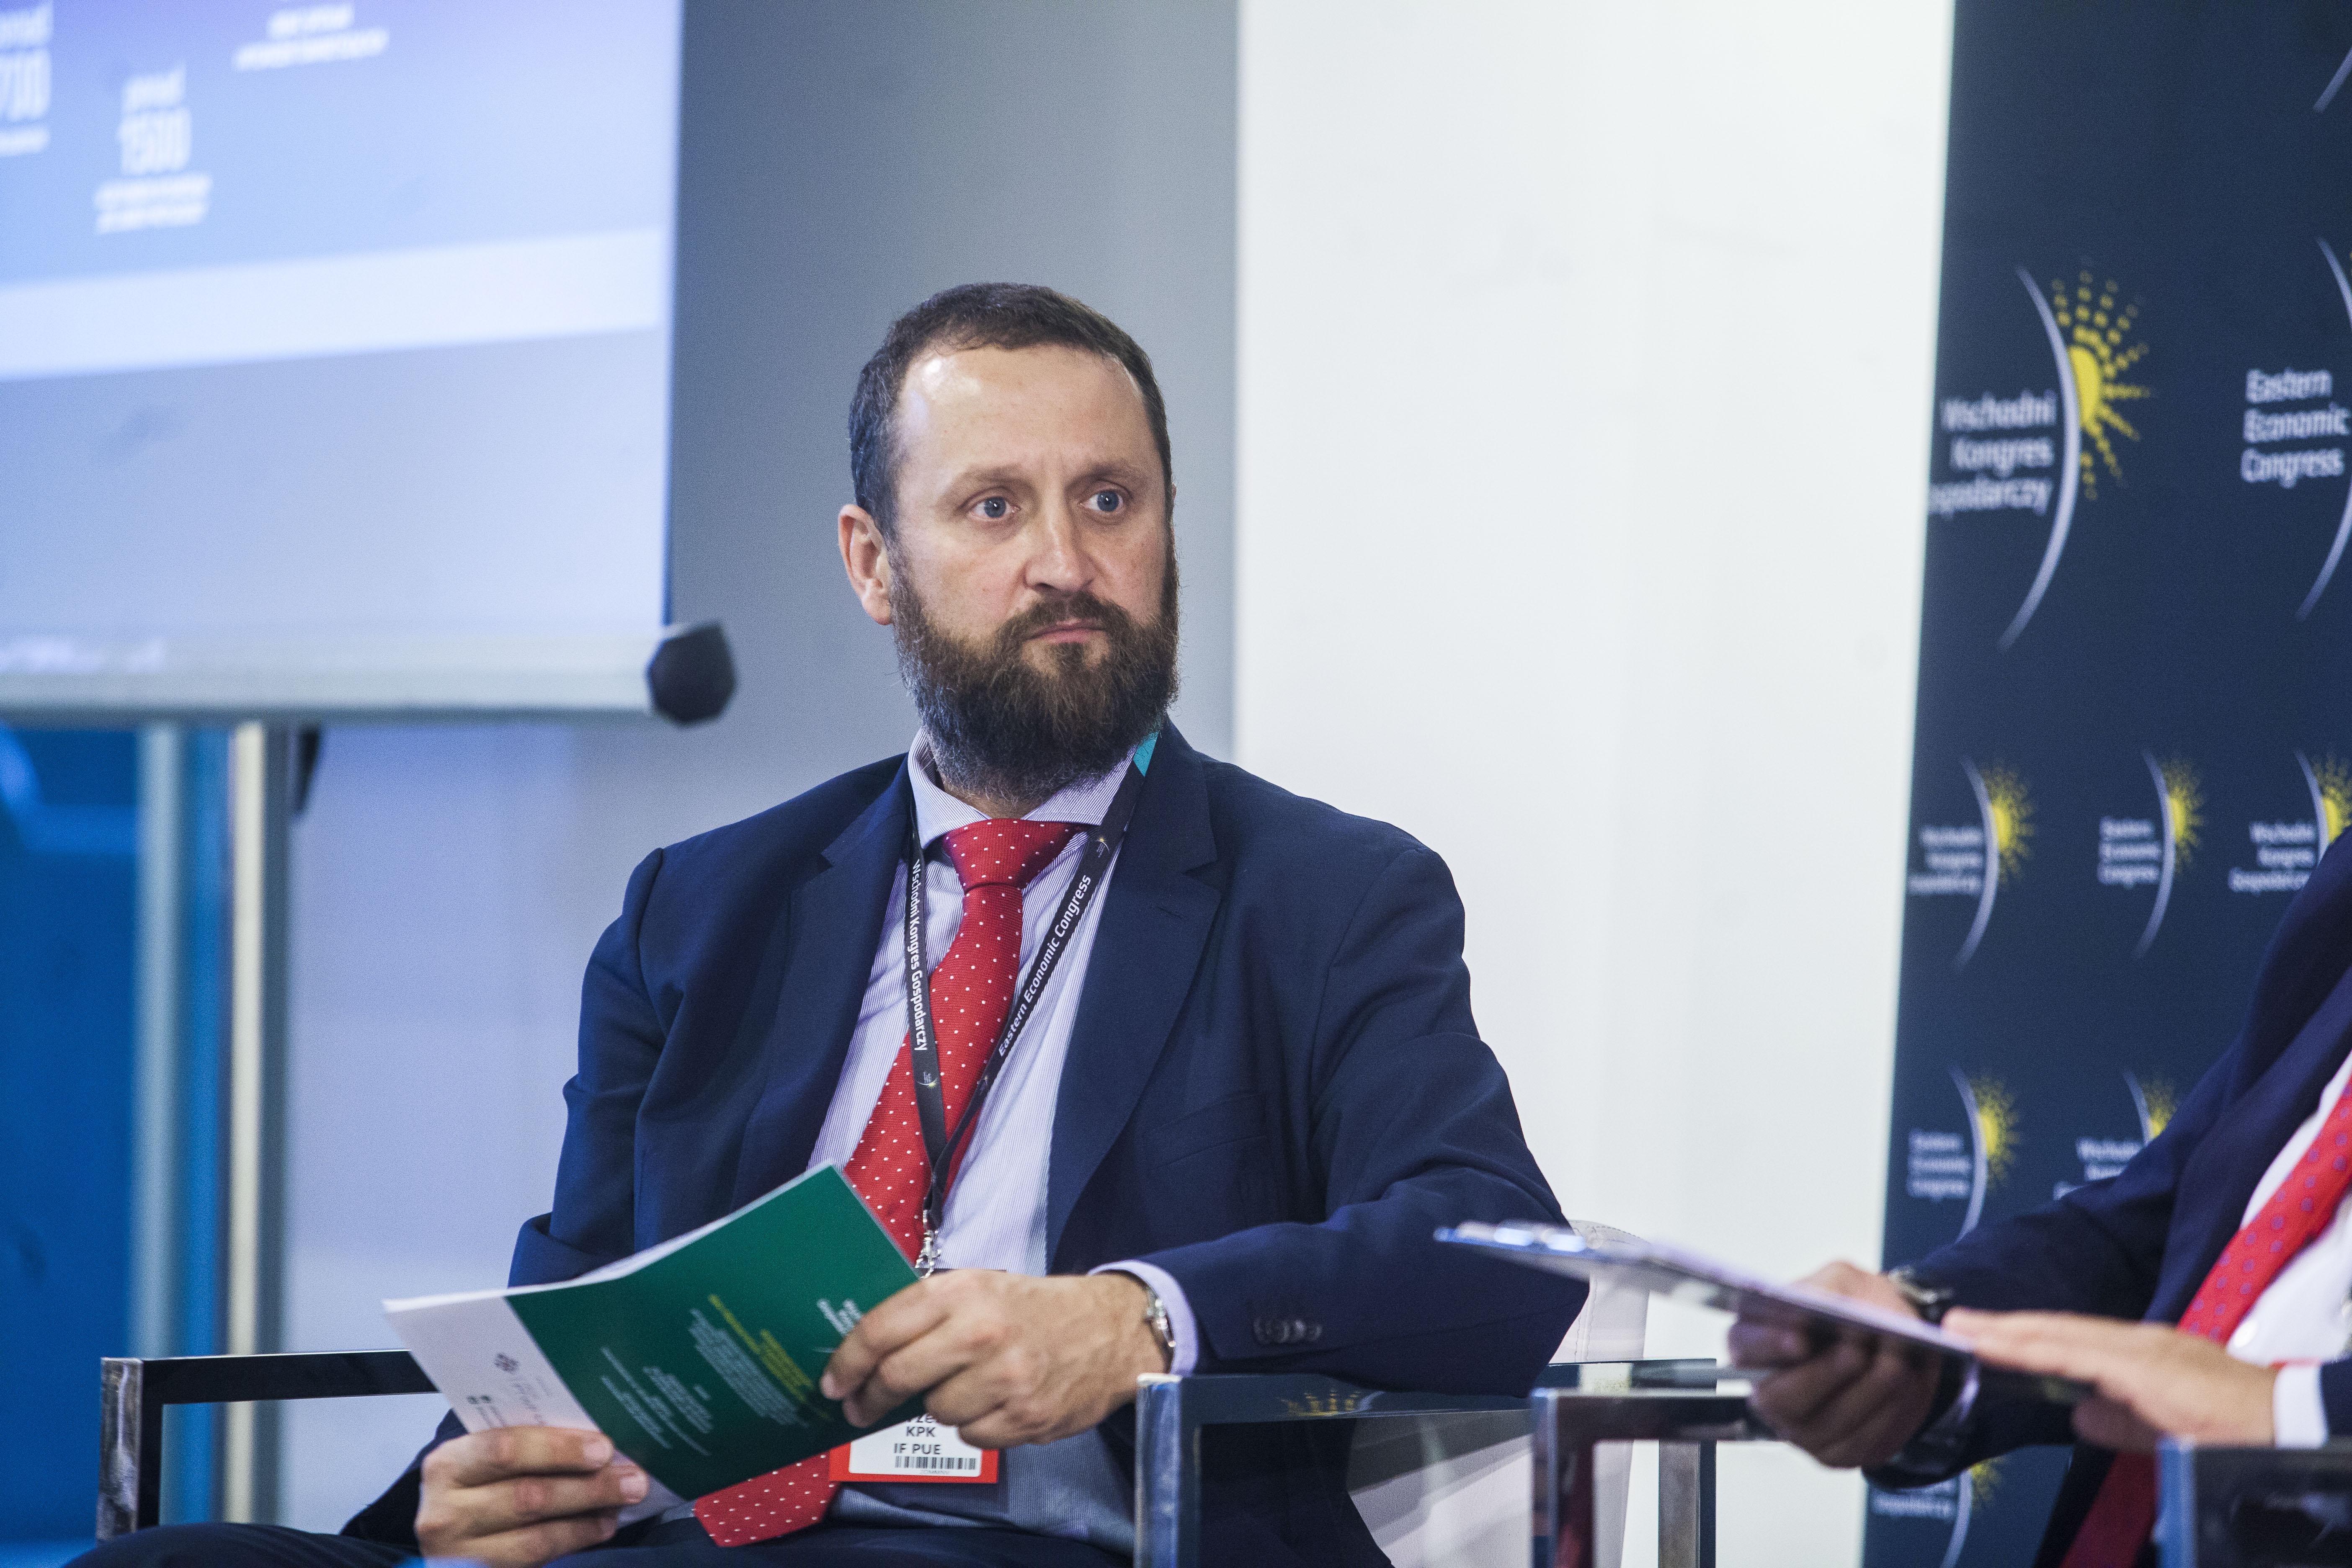 Michał Gorzelak, koordynator ds. Instrumentów Dłużnych, KPK IF PUE. Fot. PTWP